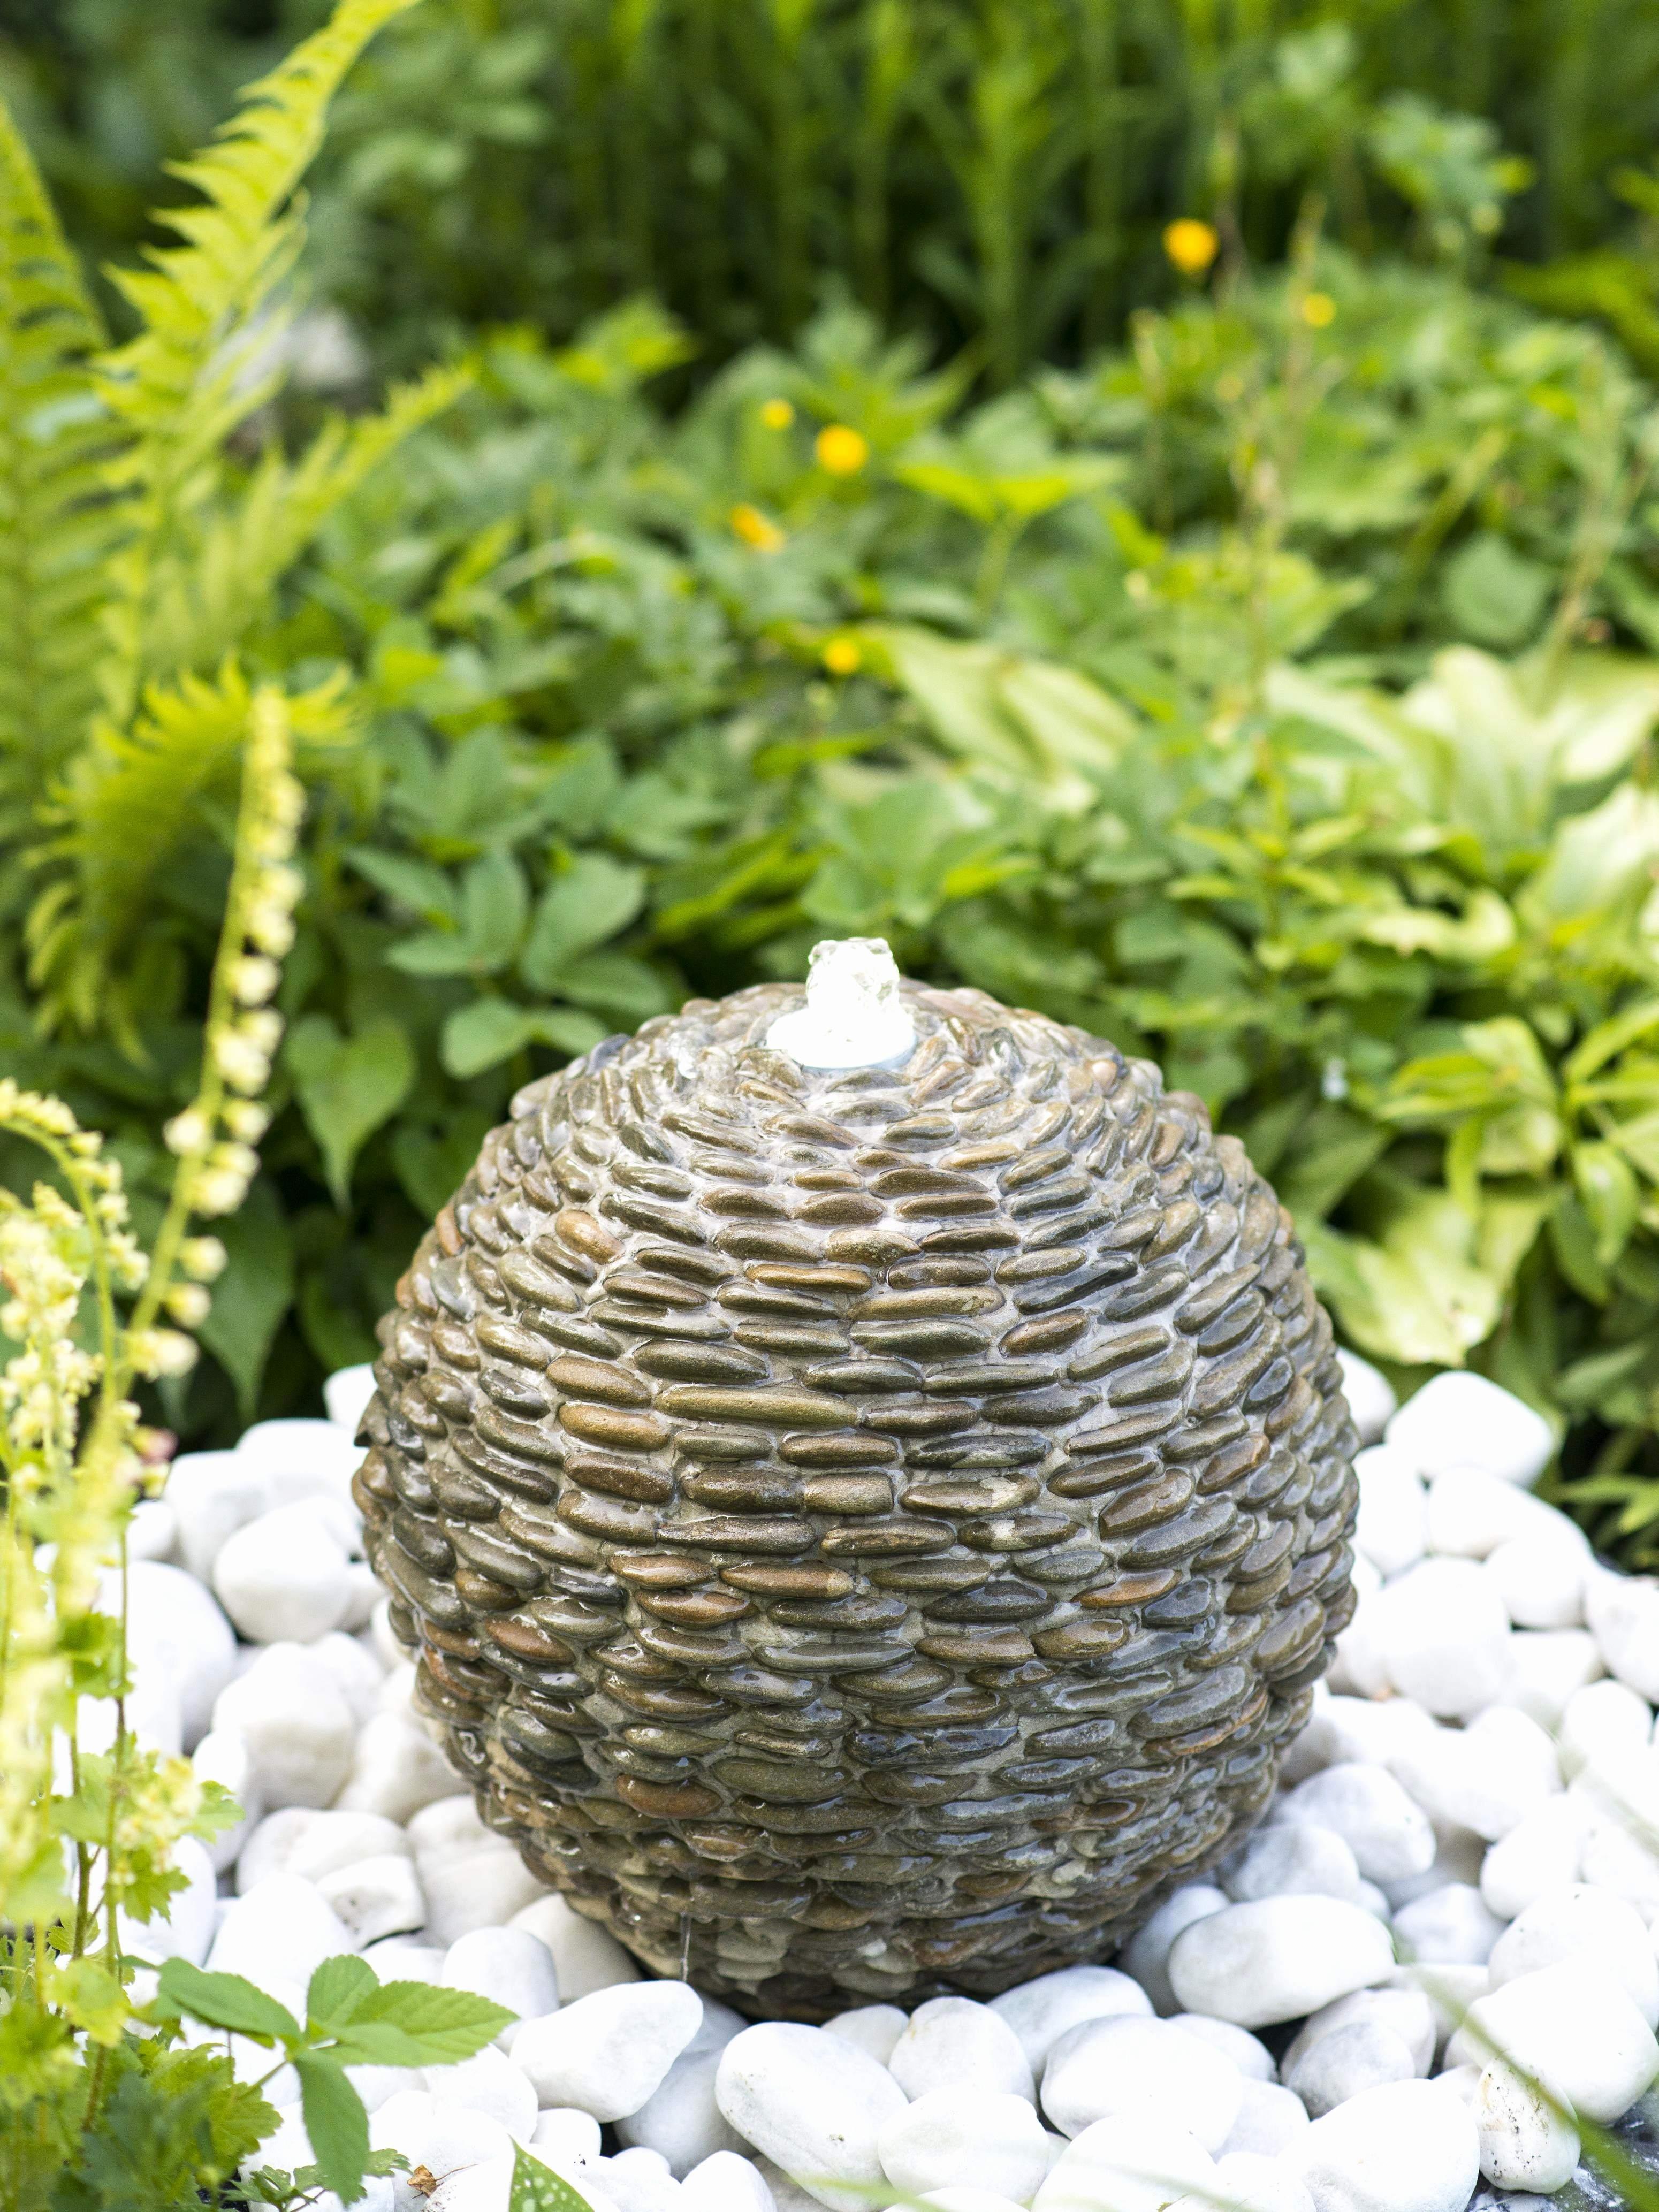 Le Bon Coin Portail Coulissant Impressionnant Galerie Serre De Jardin Occasion Le Bon Coin Inspirant Serre De Jardin